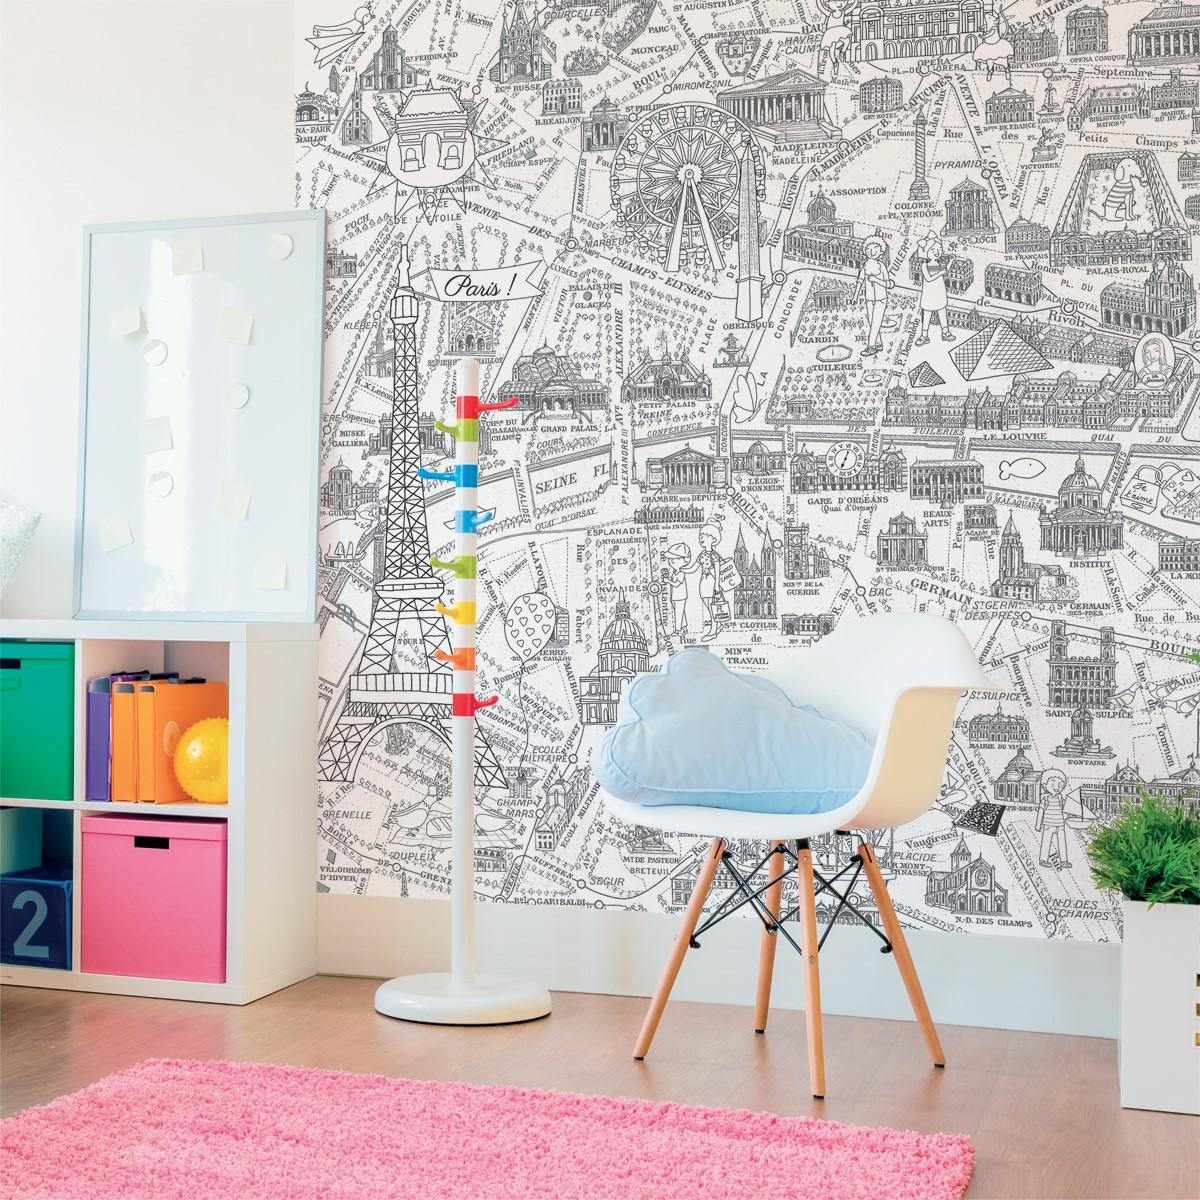 Papier Peint Panoramique Enfant 143182 Plan De Paris Monumentale A